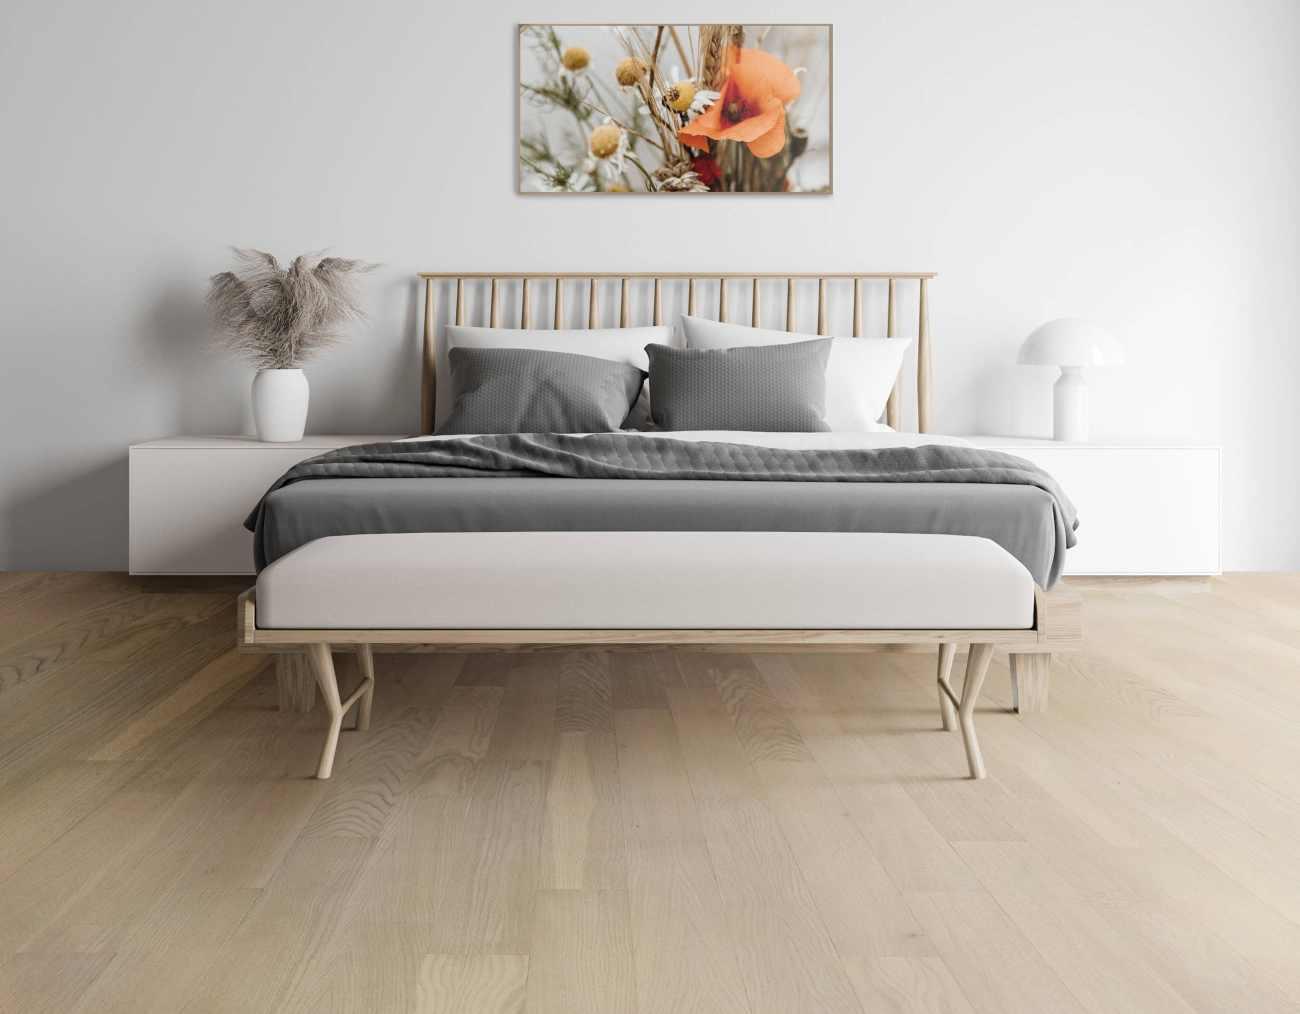 mobili bianchi e pavimento rovere combinazione colori